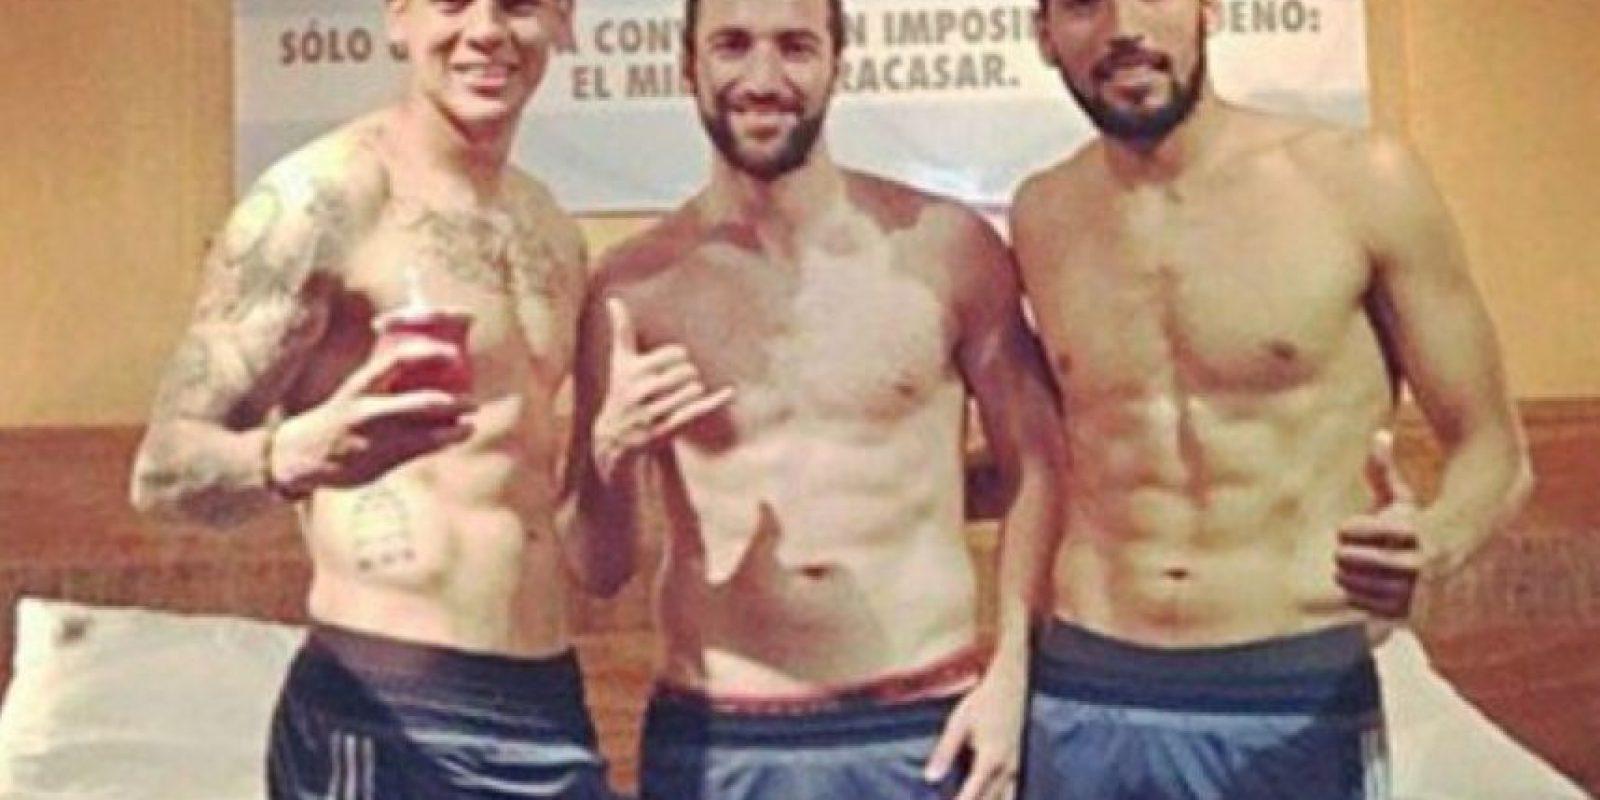 La foto de los argentinos Marcos Rojo, Gonzalo Higuaín y Ezequiel Garay fue borrada porque generó muchos comentarios en las redes sociales, debido a la erección de Rojo Foto:Twitter